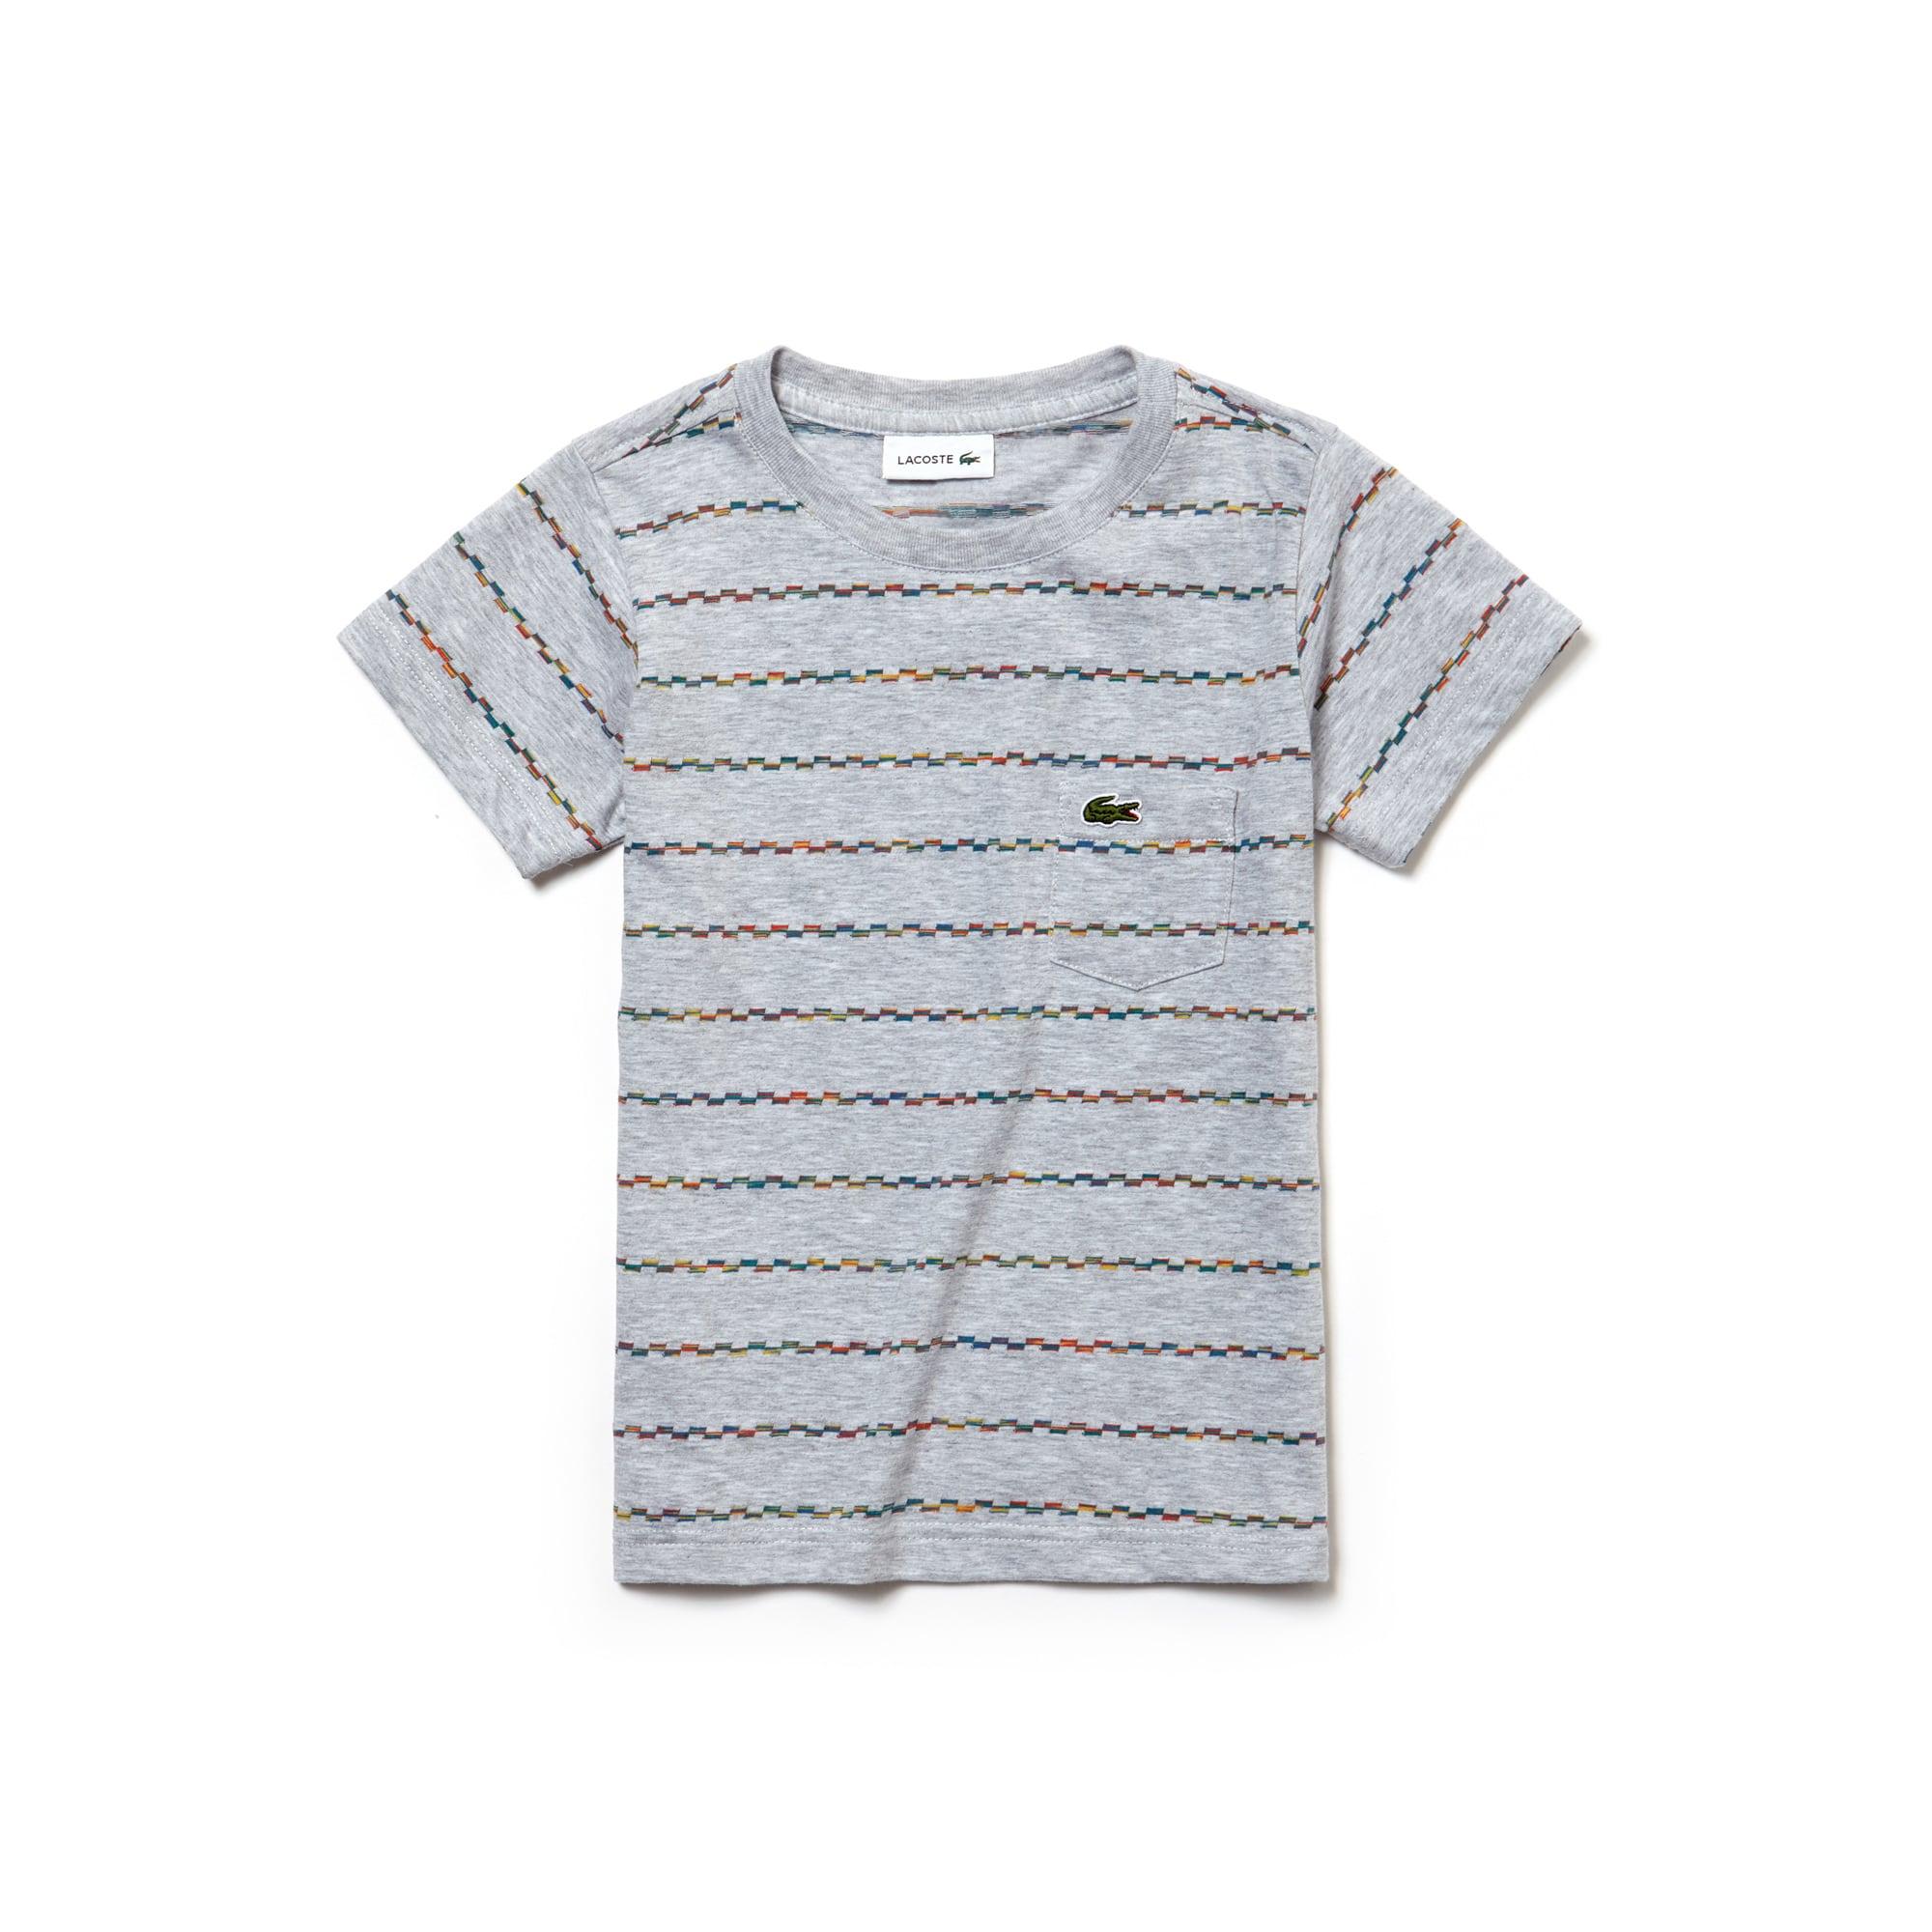 T-shirt Garçon col rond en jersey jacquard à rayures multicolores